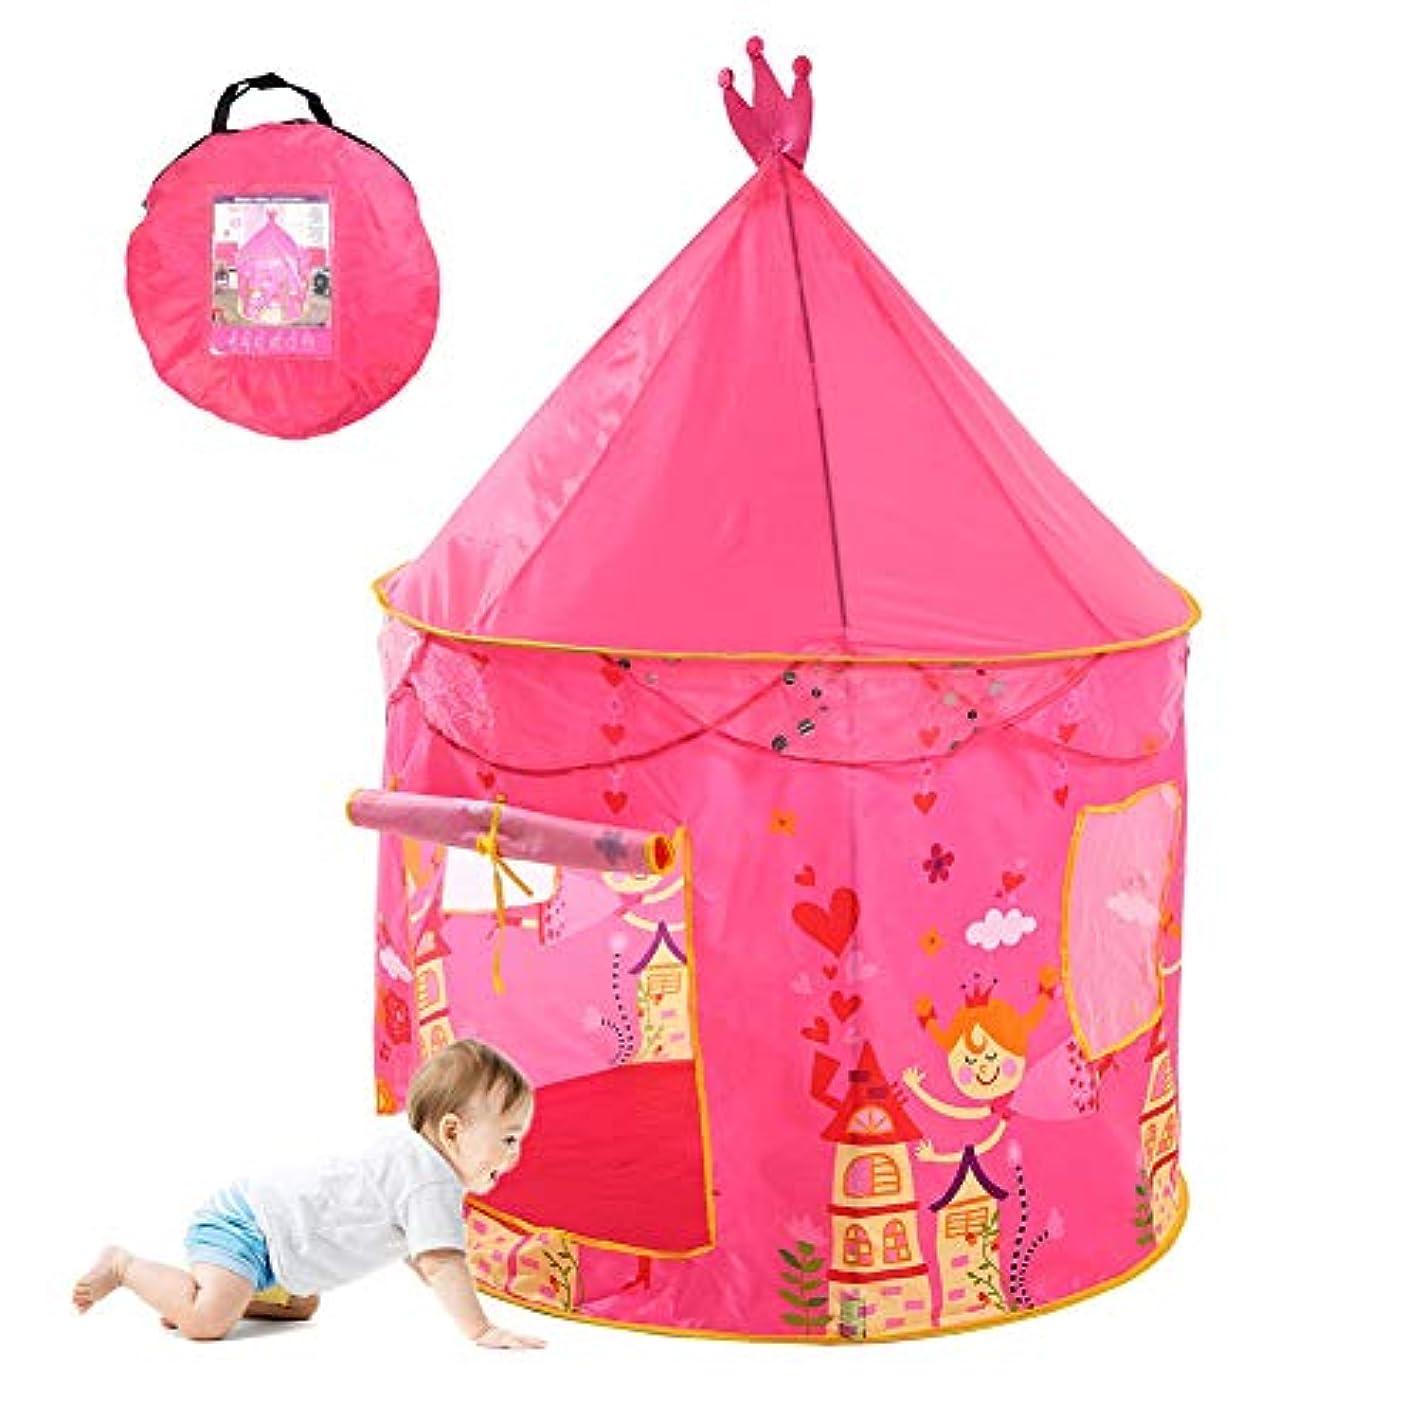 一握り物語愛されし者子供たちは* 105 105 * 135Cm、男の子か女の子のための最高の贈り物、屋内と屋外のためのおもちゃの家を折りたたみ、テント、子供用テントを再生します